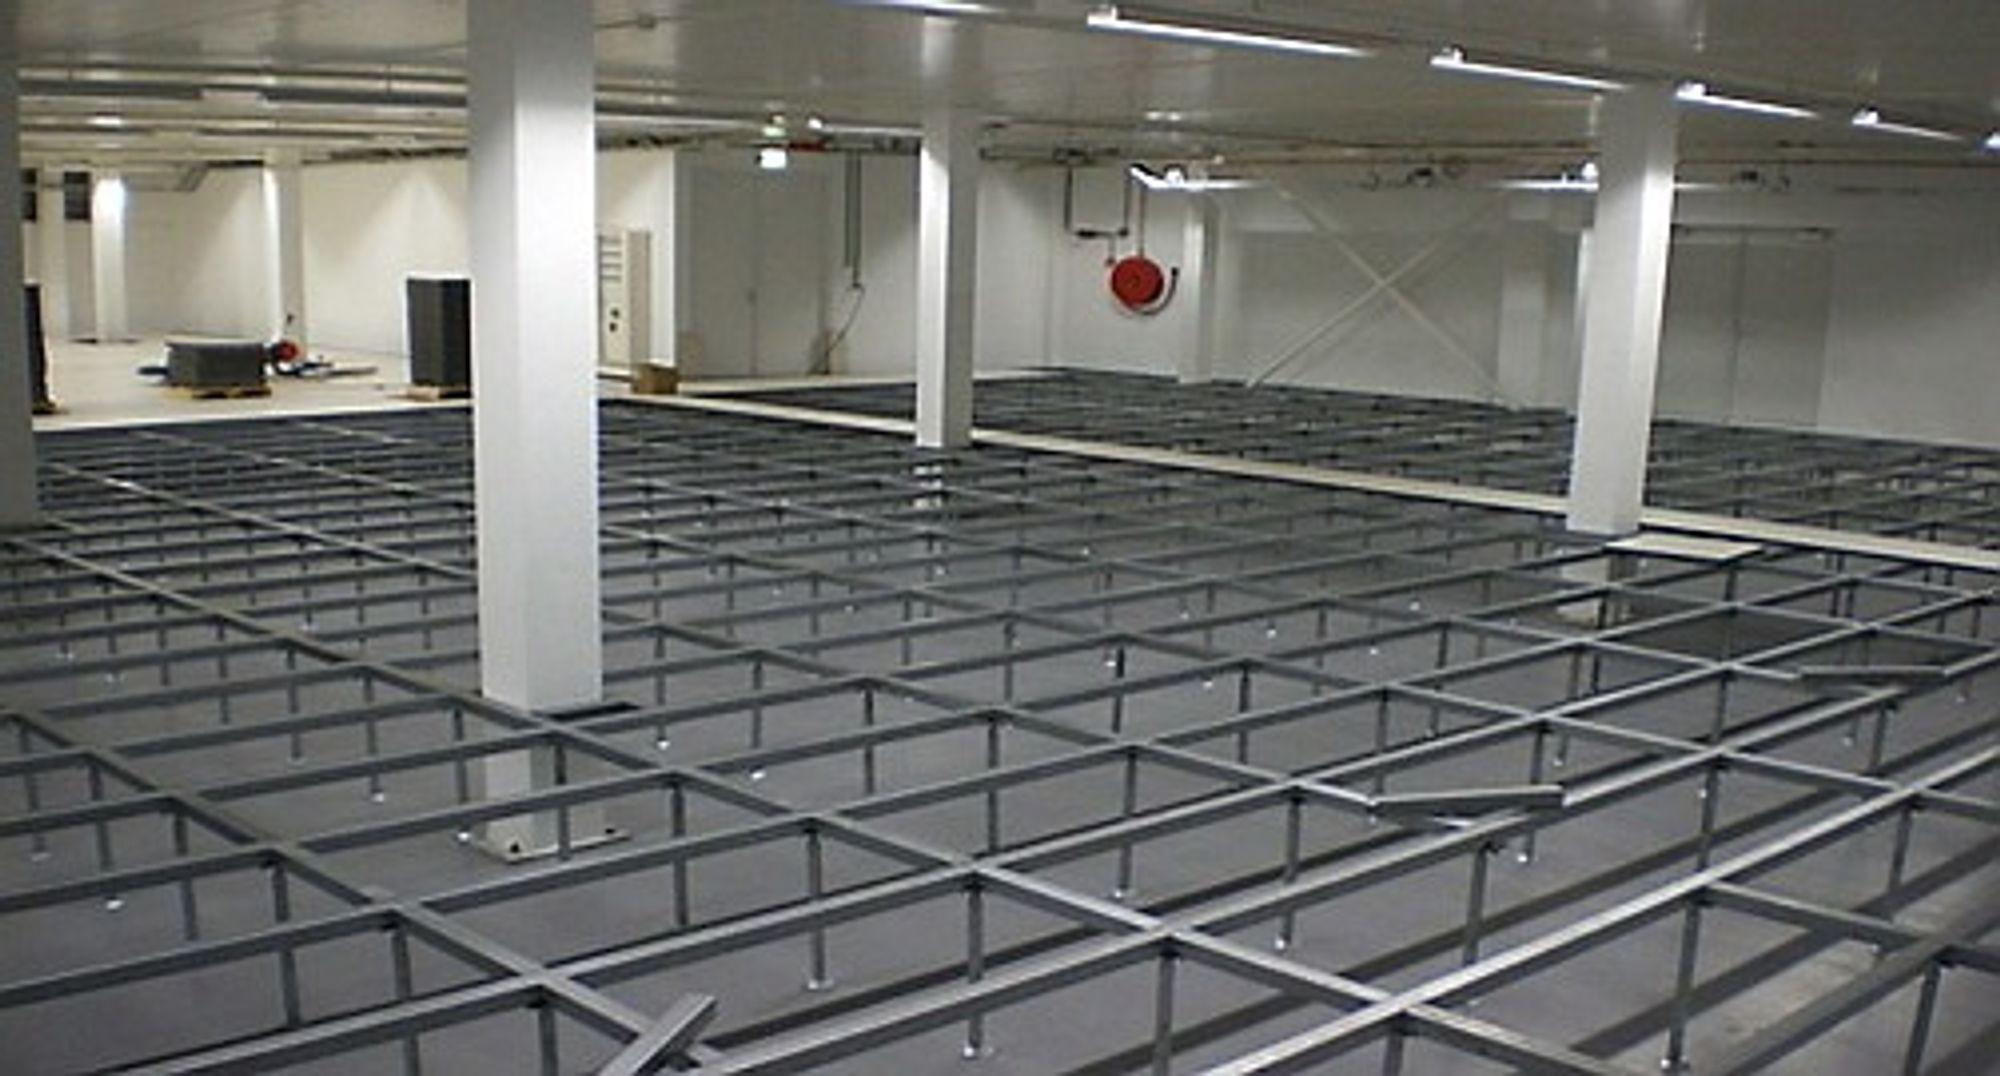 Fleksibelt installasjonsgulv som blant annet kan brukes som jordingsnett.